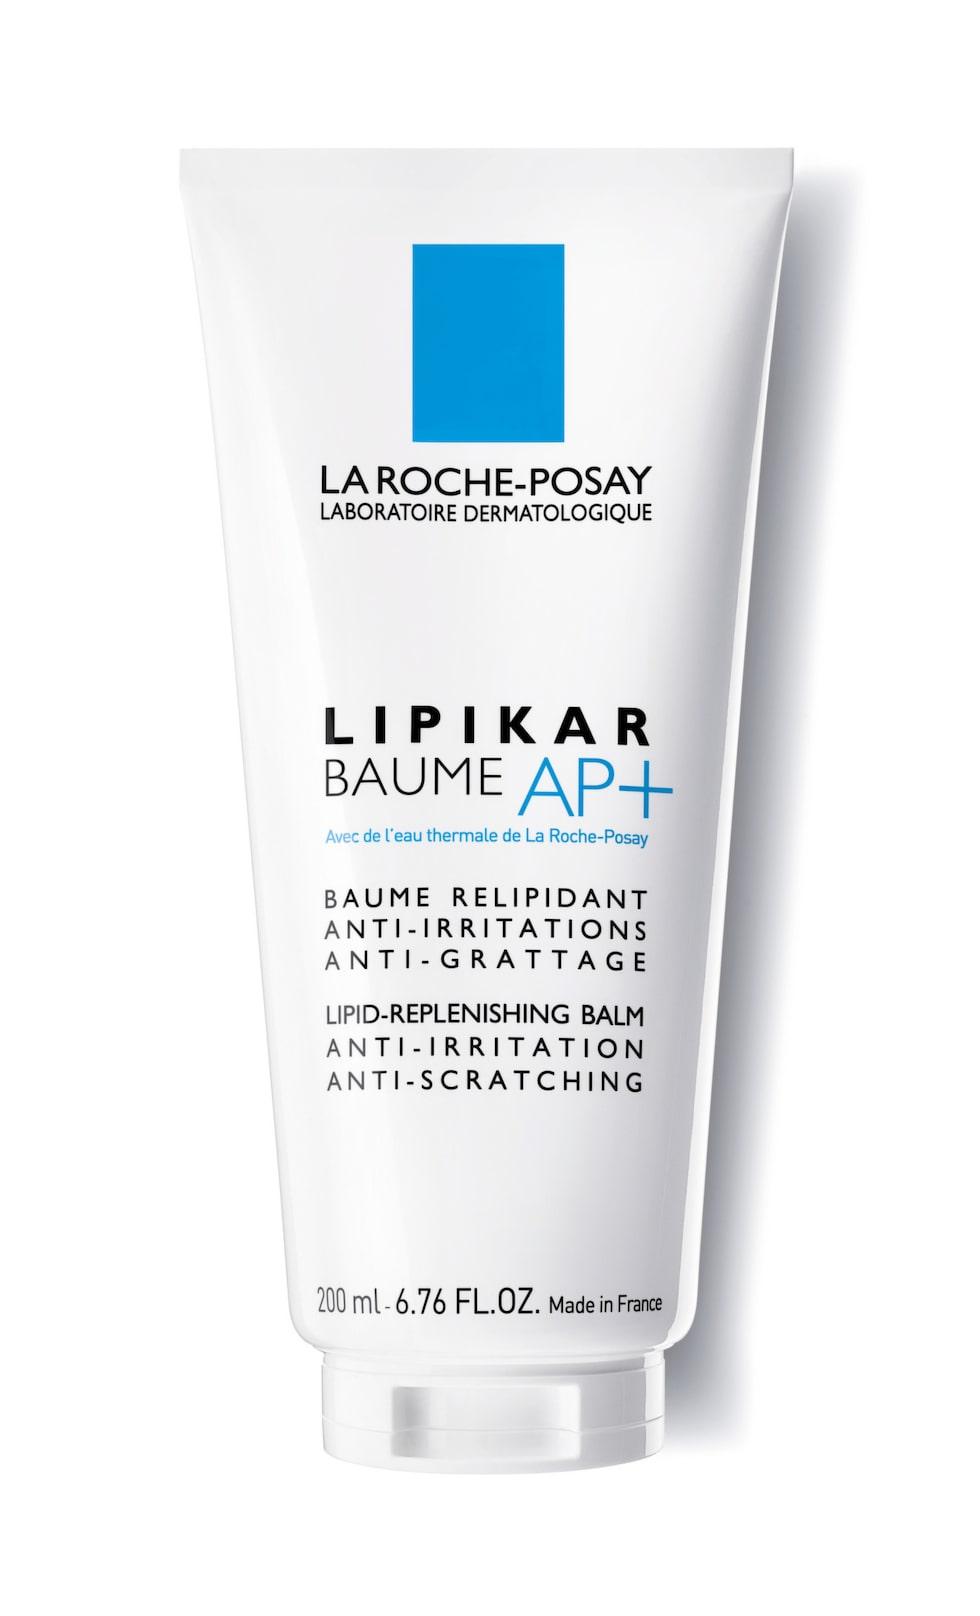 Lipikar balm Ap+, 189 kronor/200 ml, laroche-posay.se